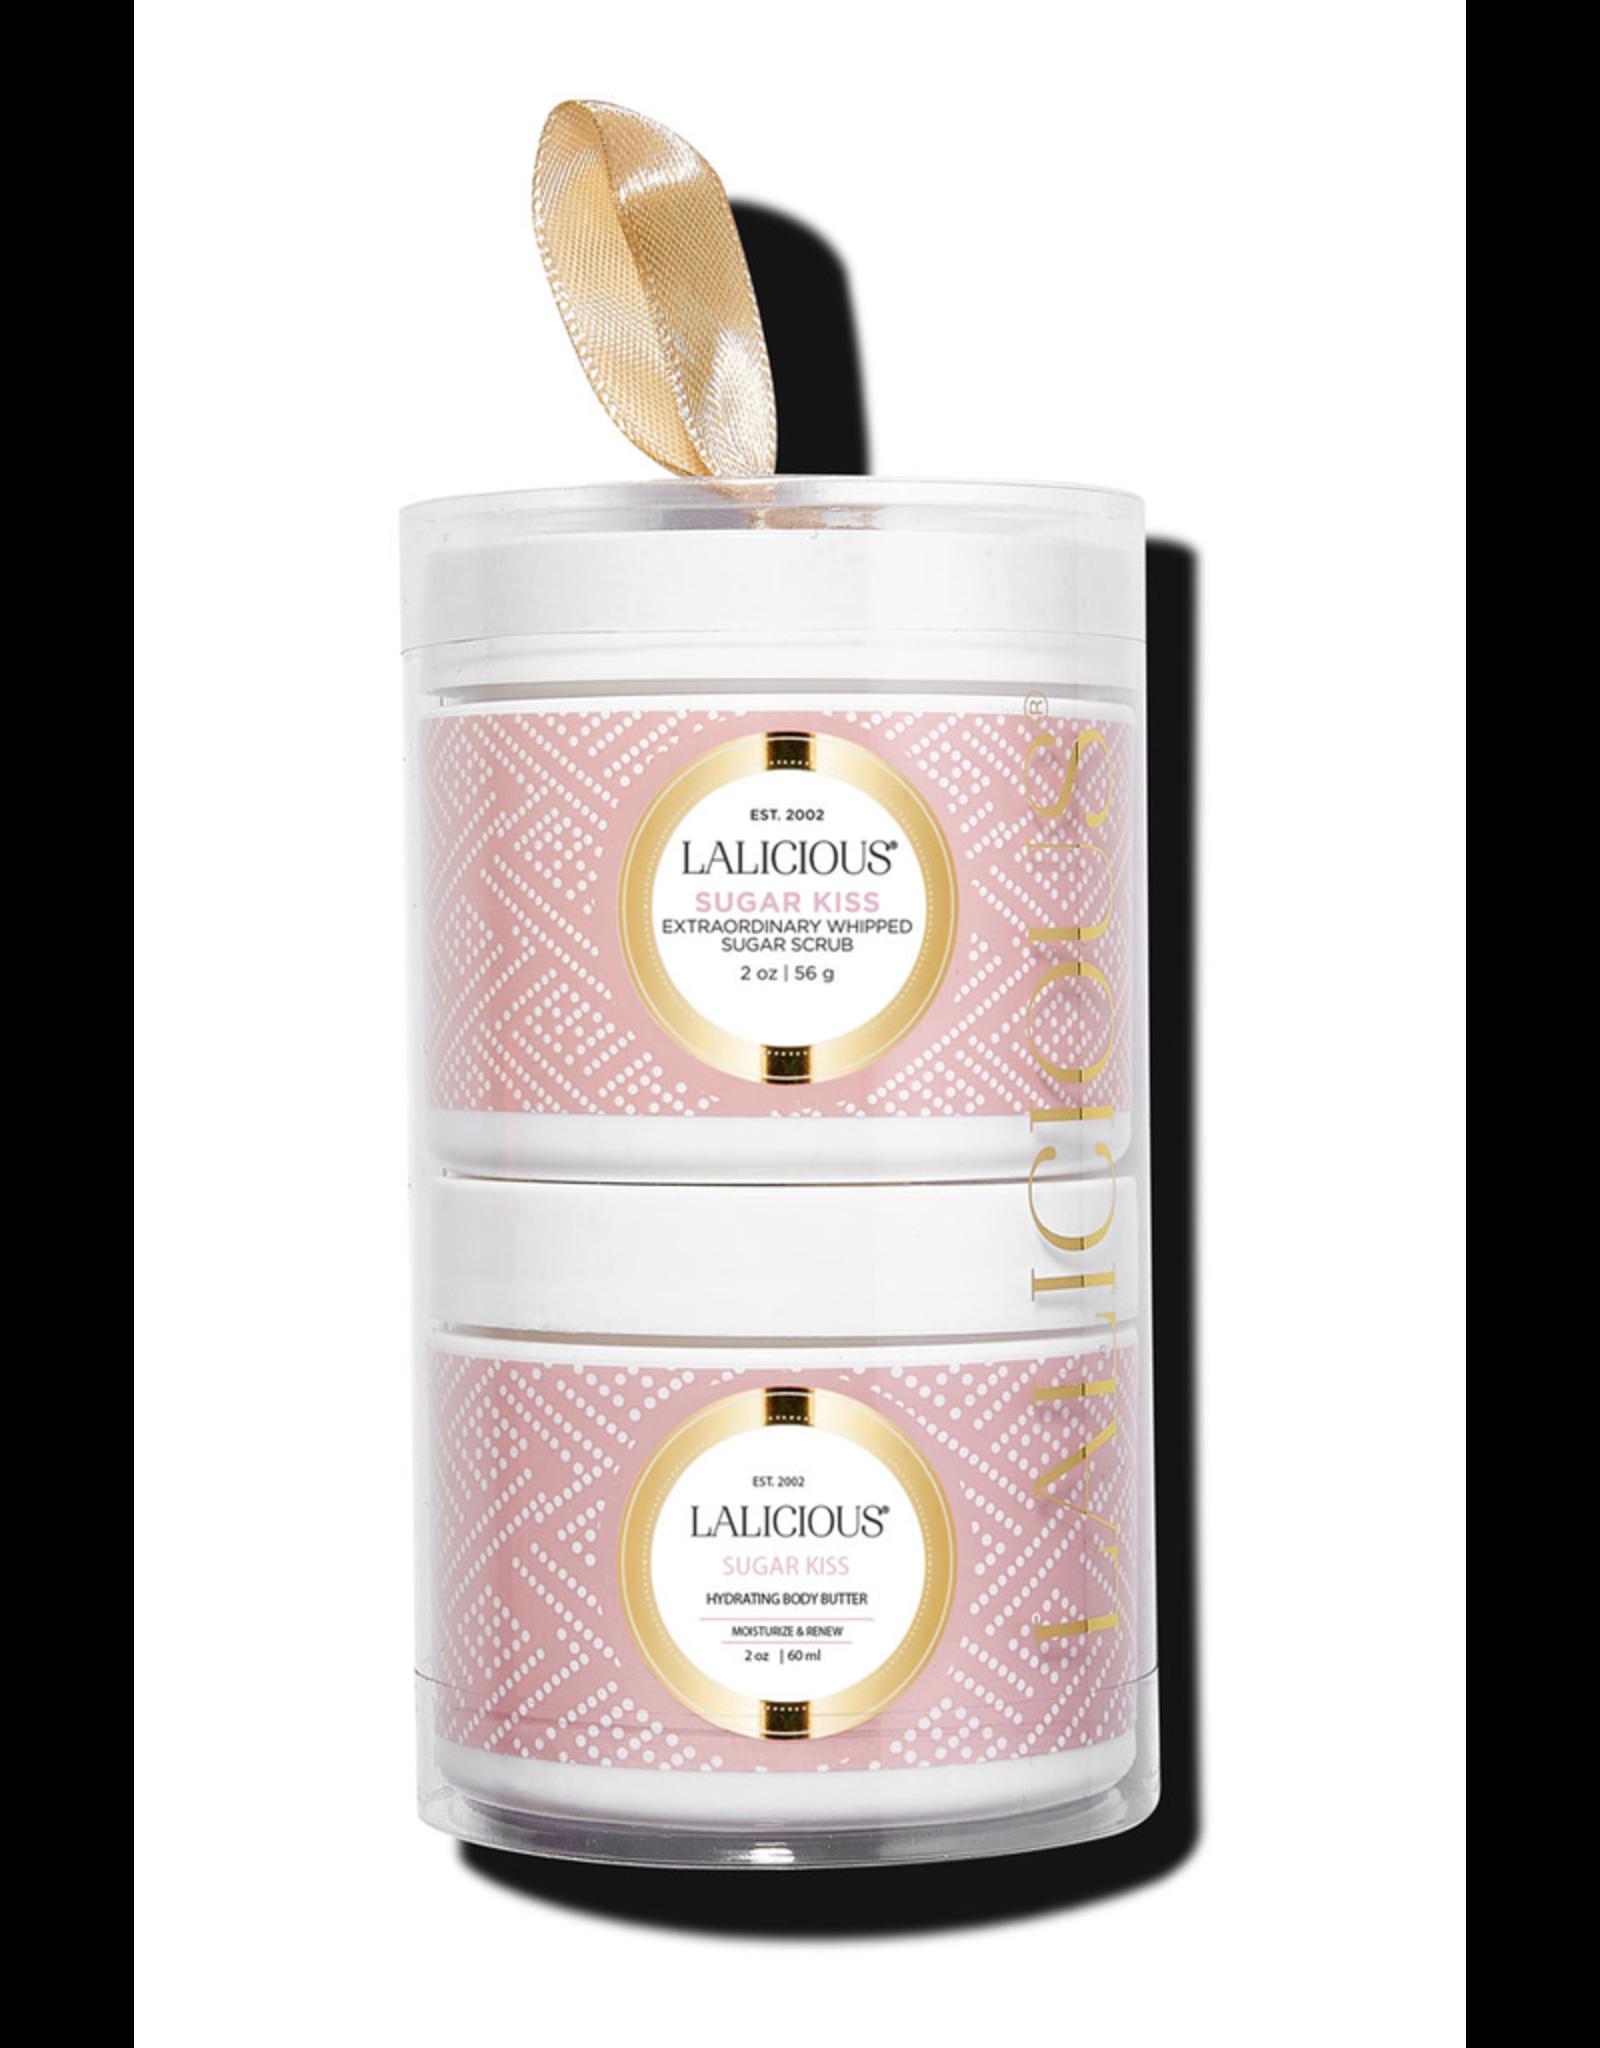 LALICIOUS Sugar Kiss Tower - Sugar Scrub + Body Butter (2 x 2 oz)